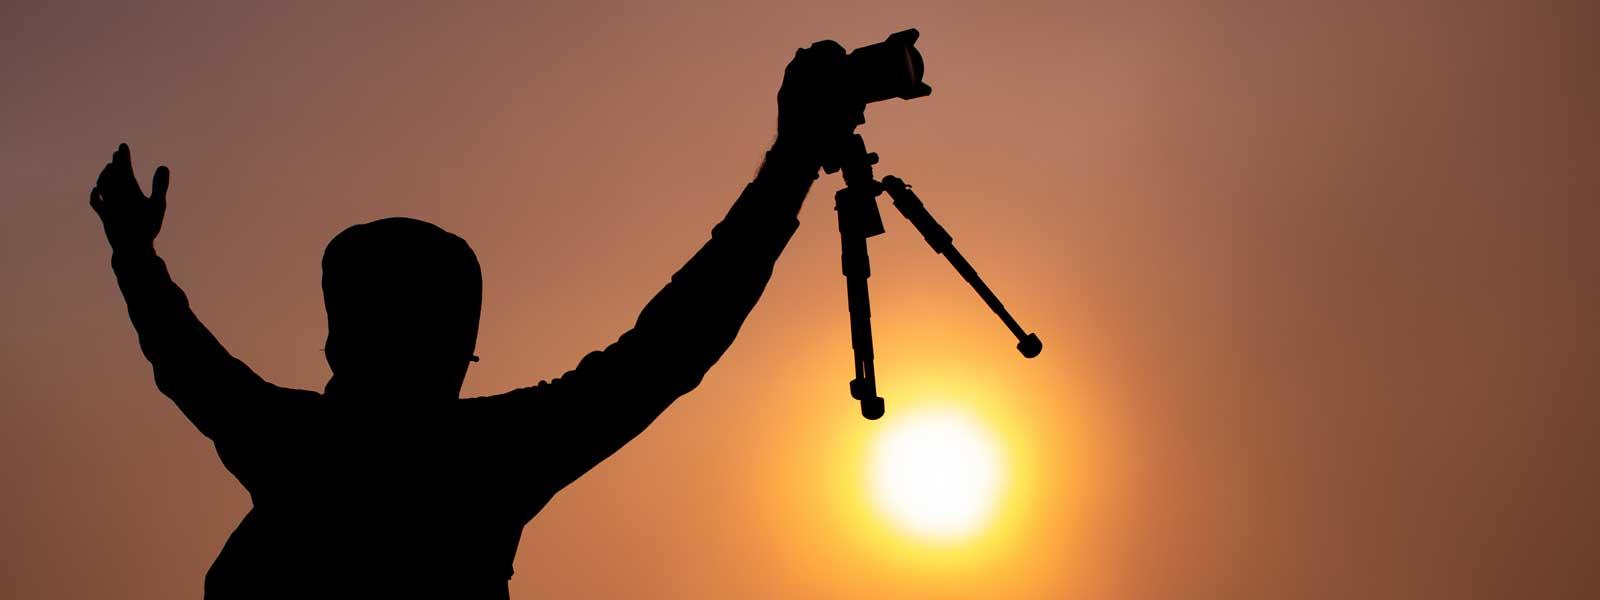 عکس بنر مقاله یک روش کاربردی برای ترکیب بندی در عکاسی منظره در شب